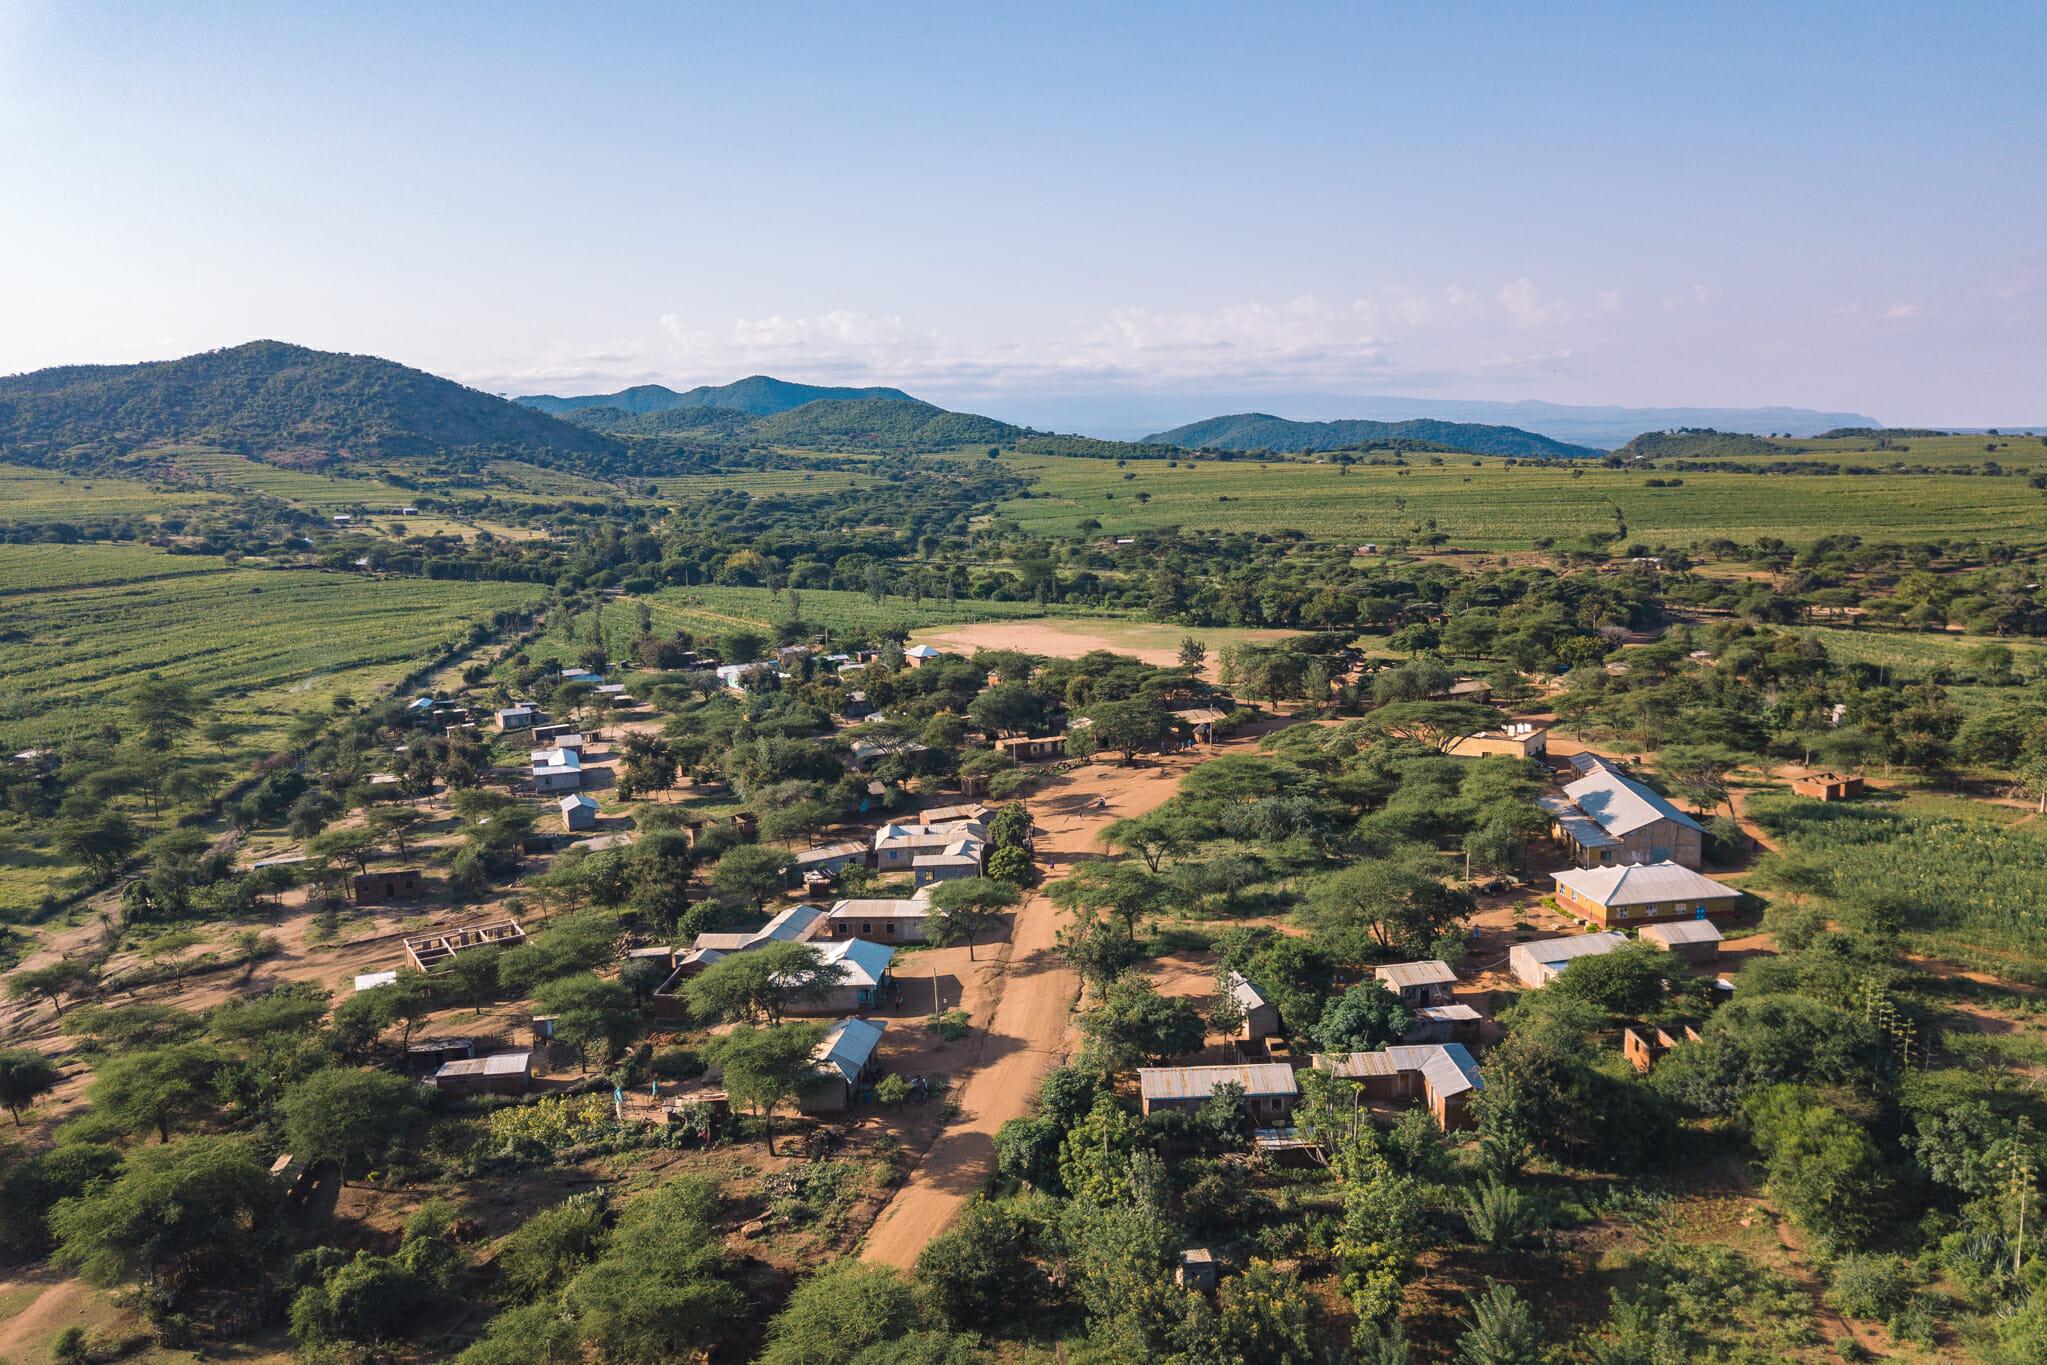 Vue de drone du village d'Endallah en Tanzanie